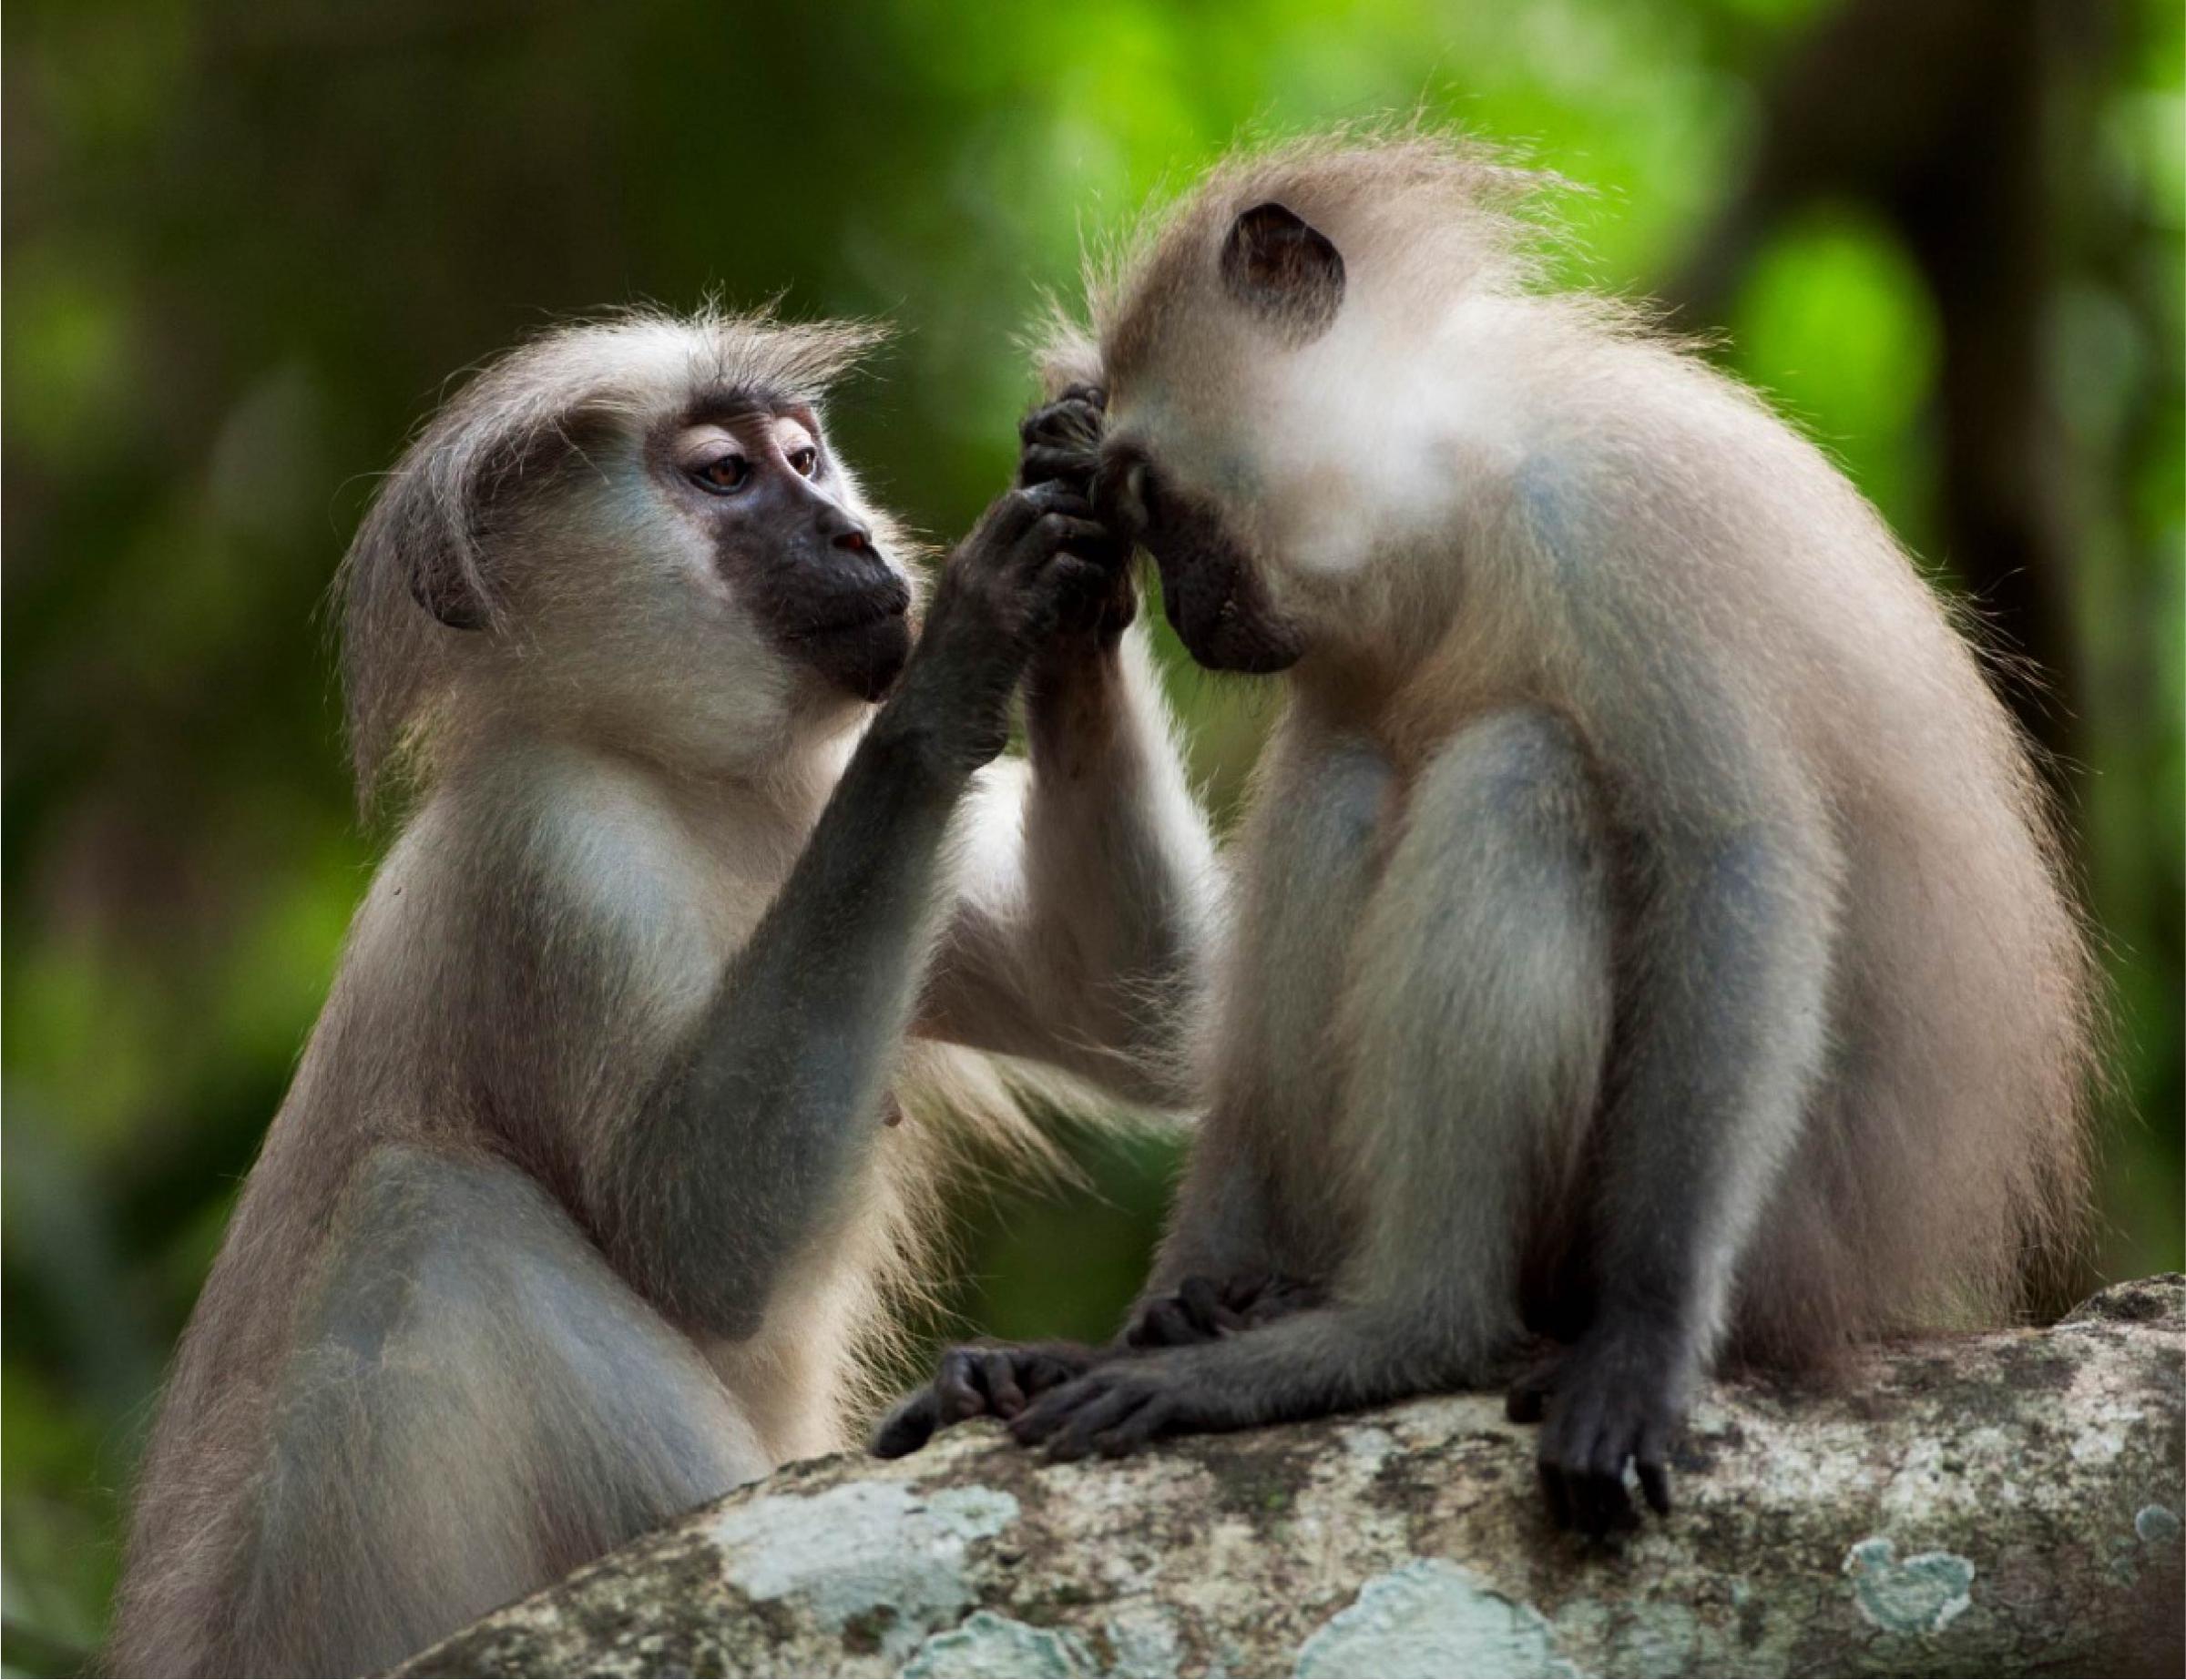 נקבת קופת מנגבי (Cercocebus galeritus) מסרקת את פרוותו של קוף צעיר| Fiona Rogers, Nature Picture Library, SPL